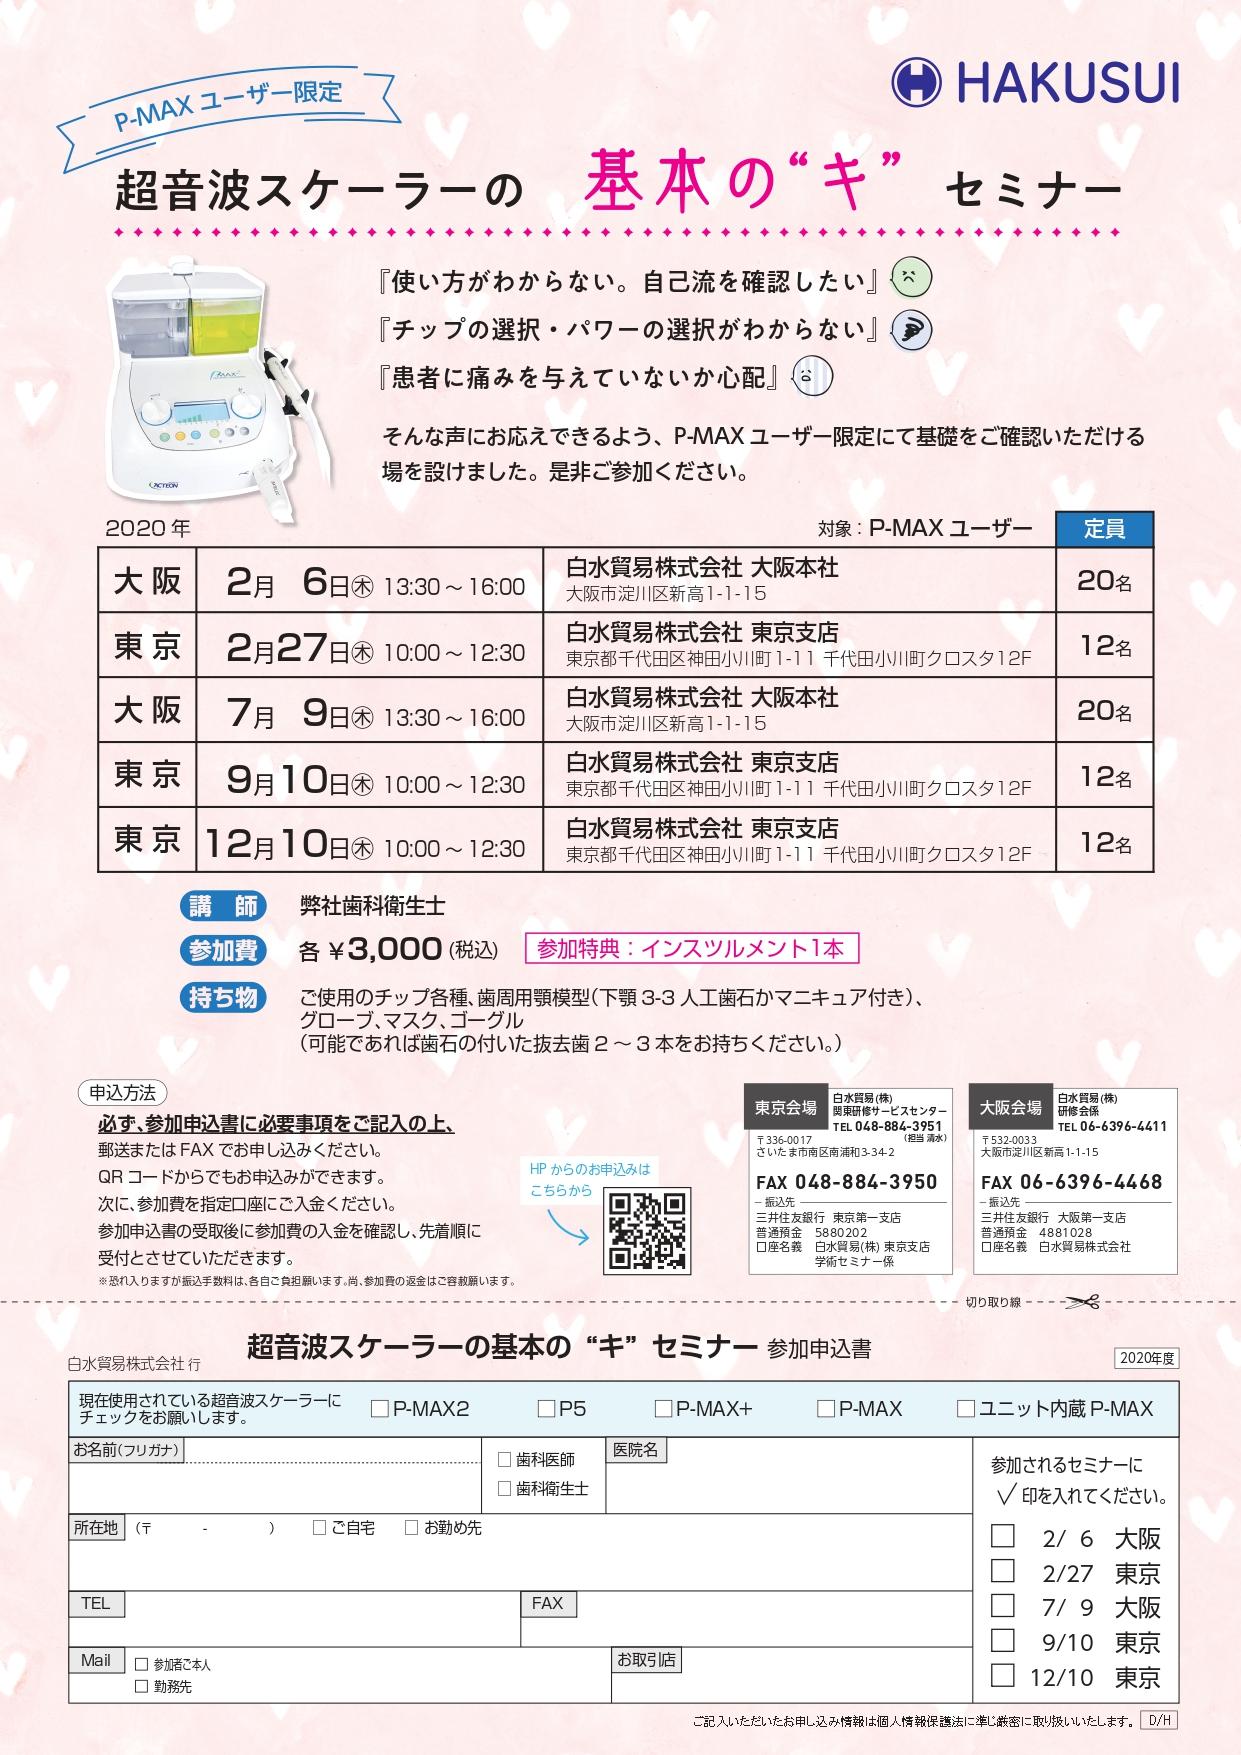 """【P-MAX ユーザー限定】超音波スケーラーの 基本の""""キ"""" セミナー"""